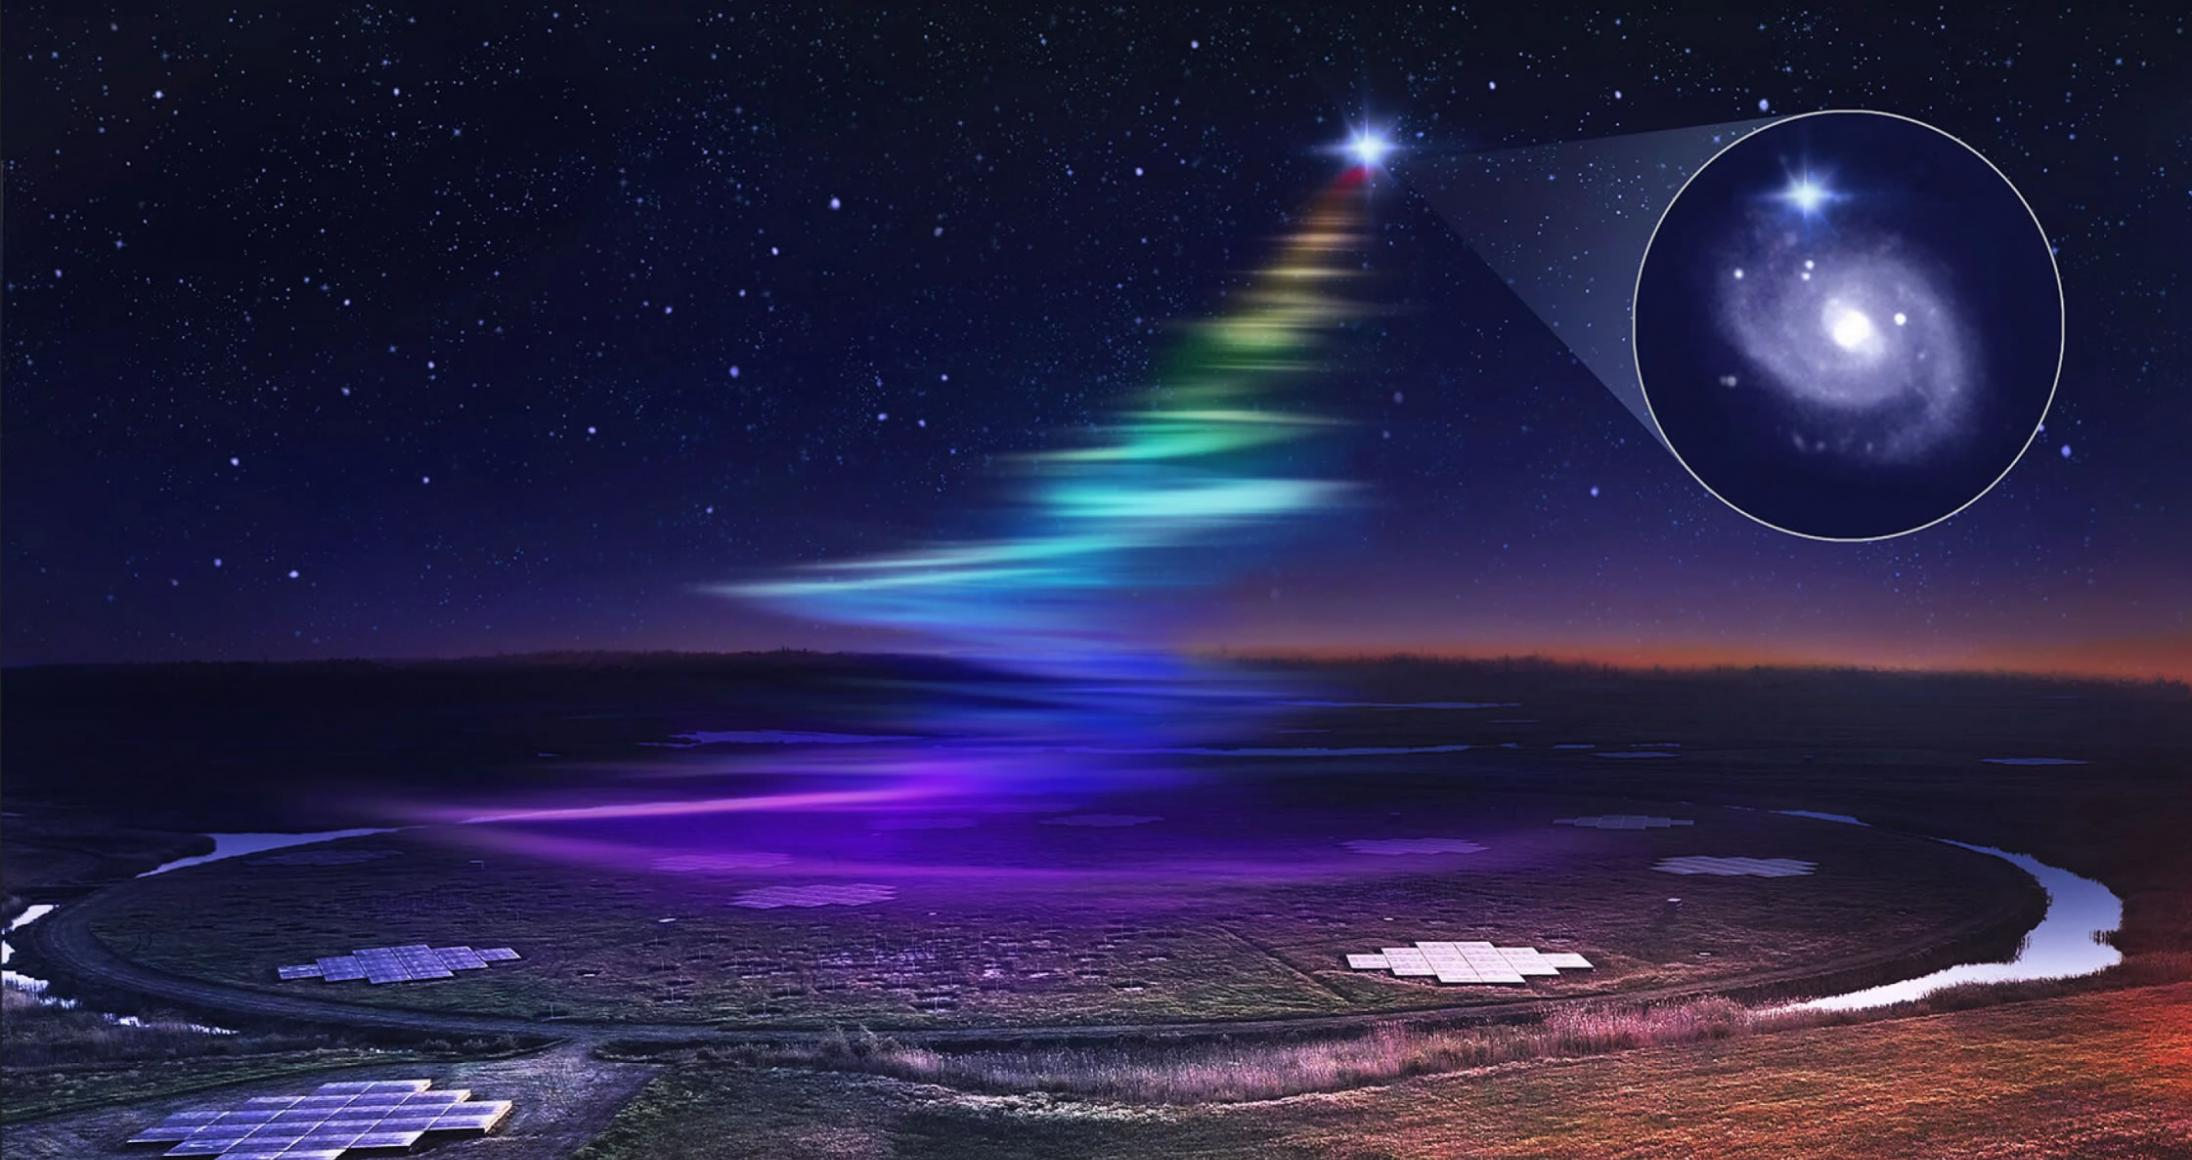 快速射电暴(FRB)中发现新频率:迄今探测到过的最低辐射